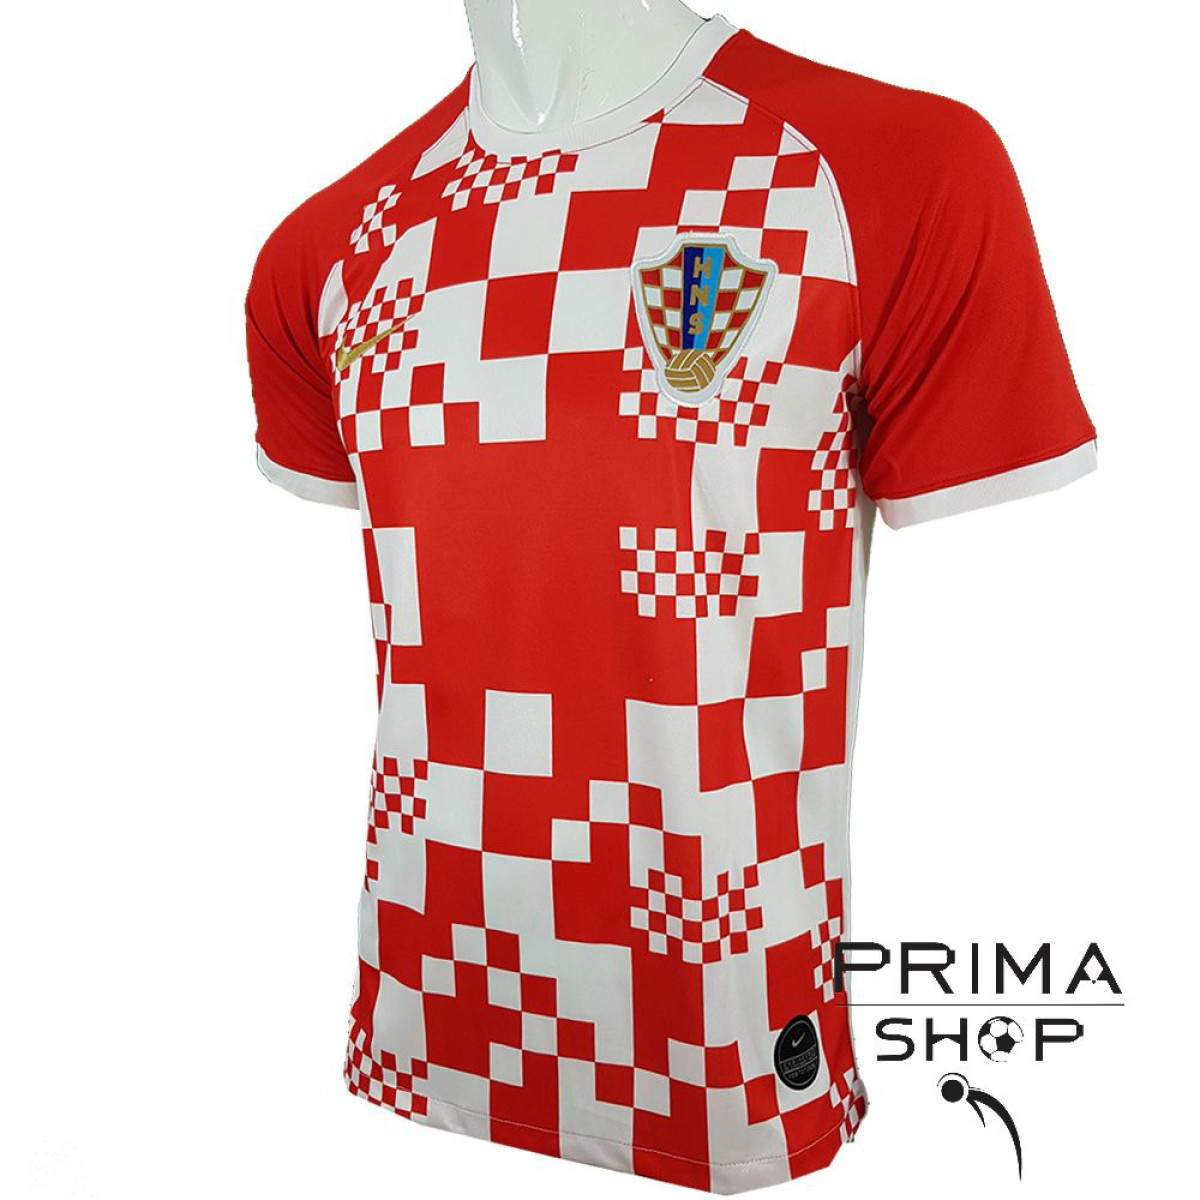 لباس کرواسی جدید   پیراهن تیم ملی کرواسی